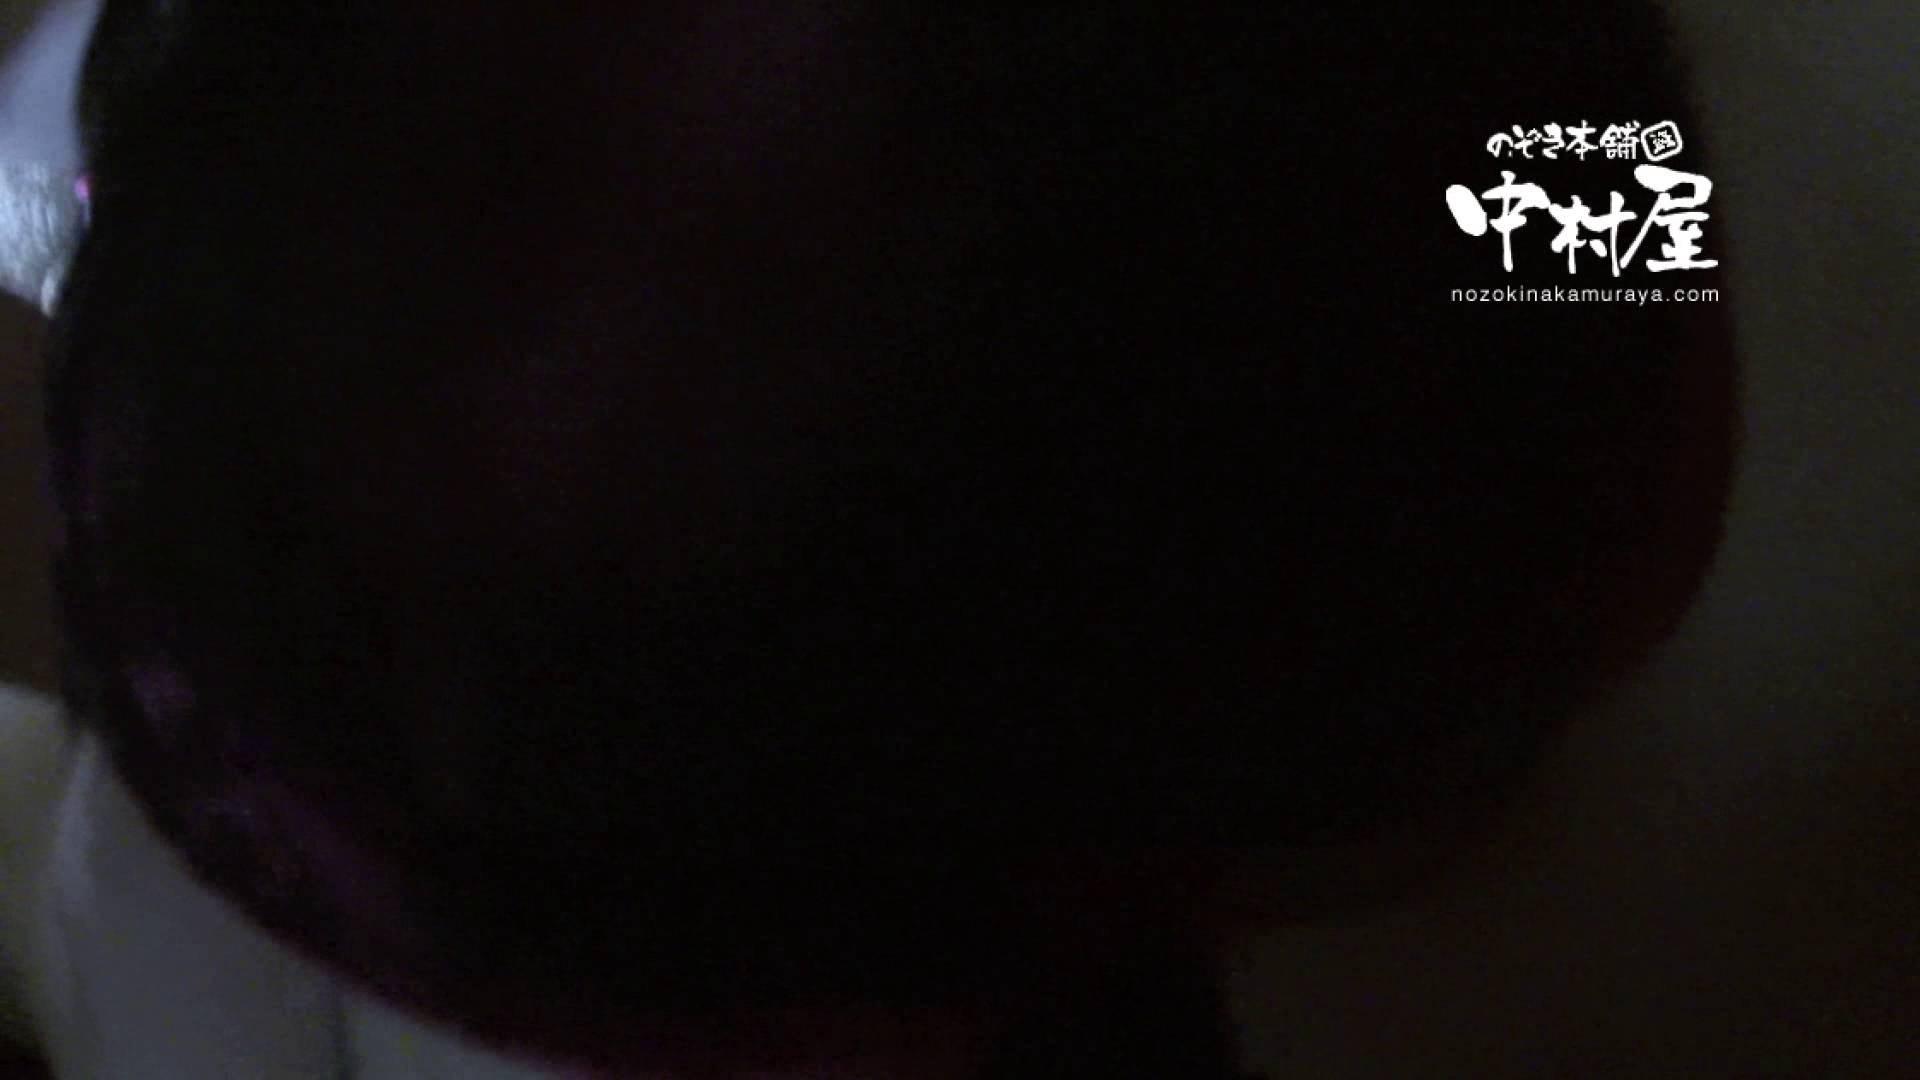 鬼畜 vol.12 剥ぎ取ったら色白でゴウモウだった 後編 鬼畜 | 0  109PIX 107